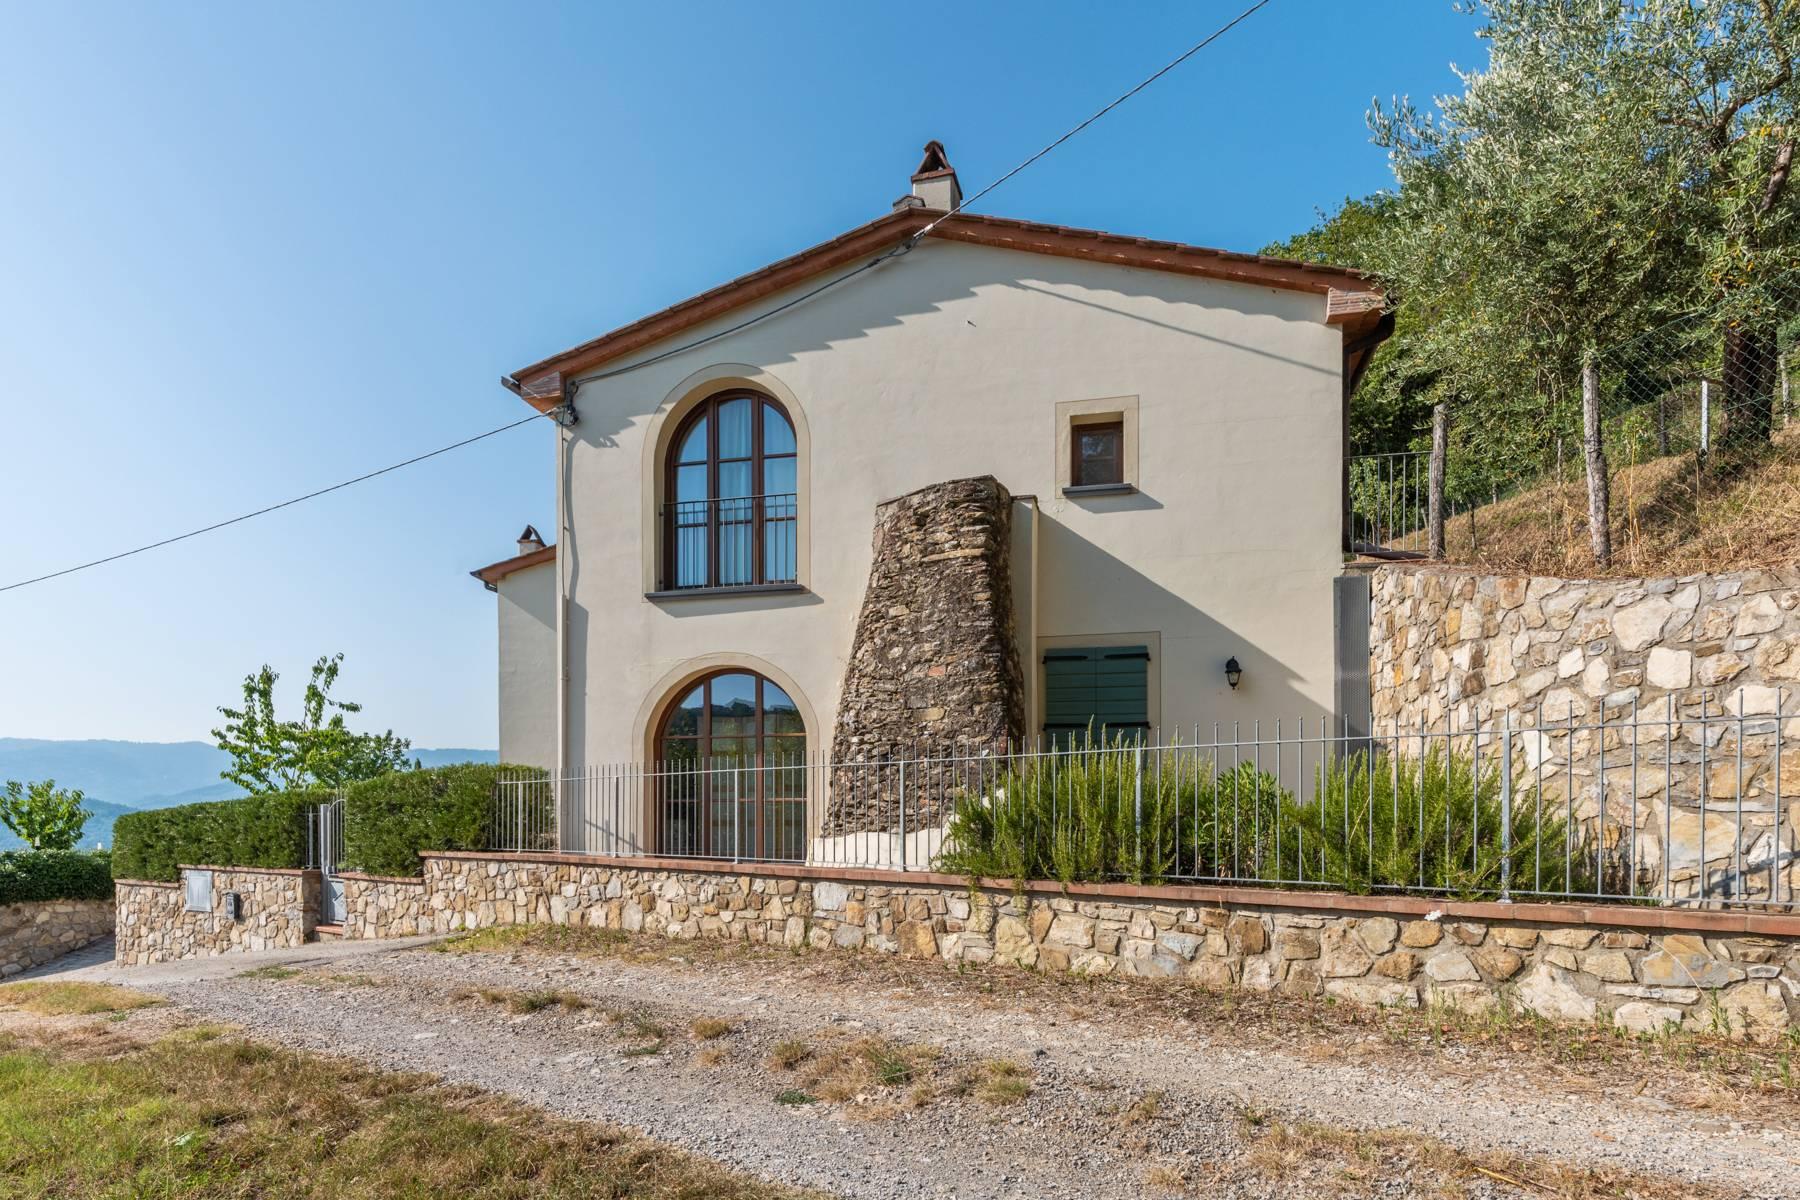 Rustico in Vendita a Monsummano Terme: 5 locali, 380 mq - Foto 4